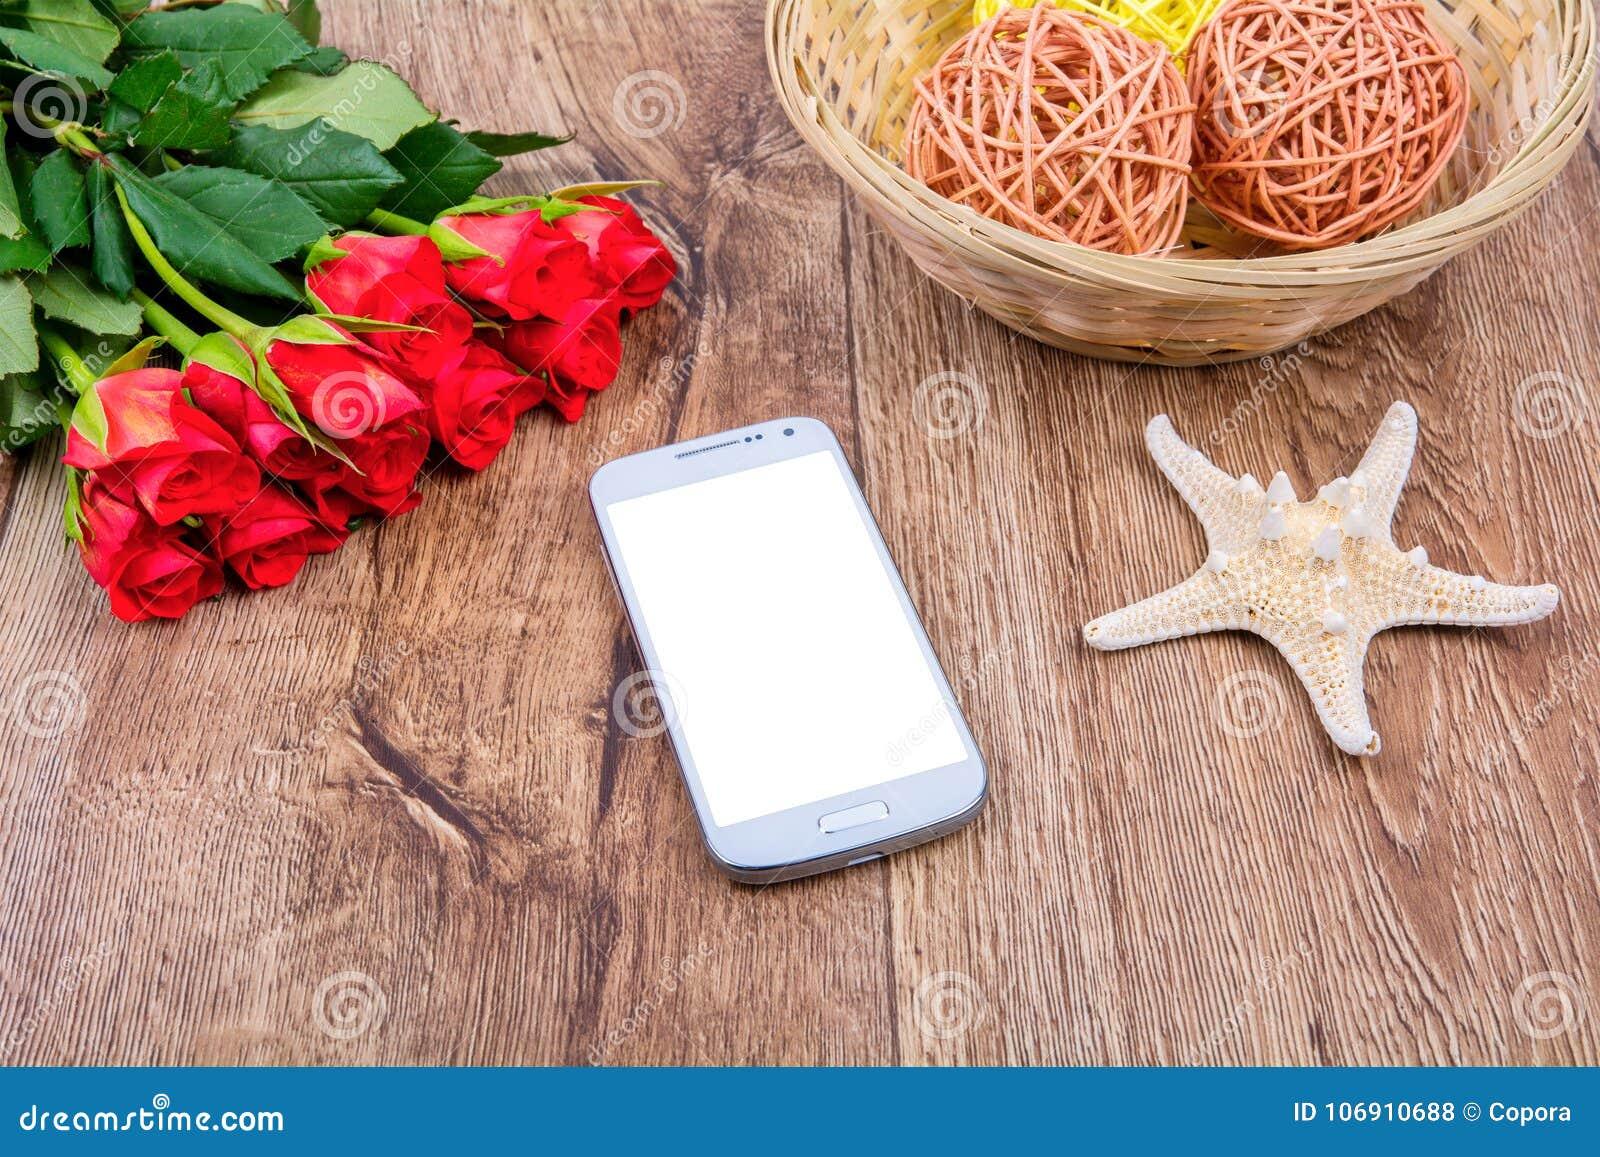 Telefon komórkowy, rozgwiazda i róże na drewnianym stole,